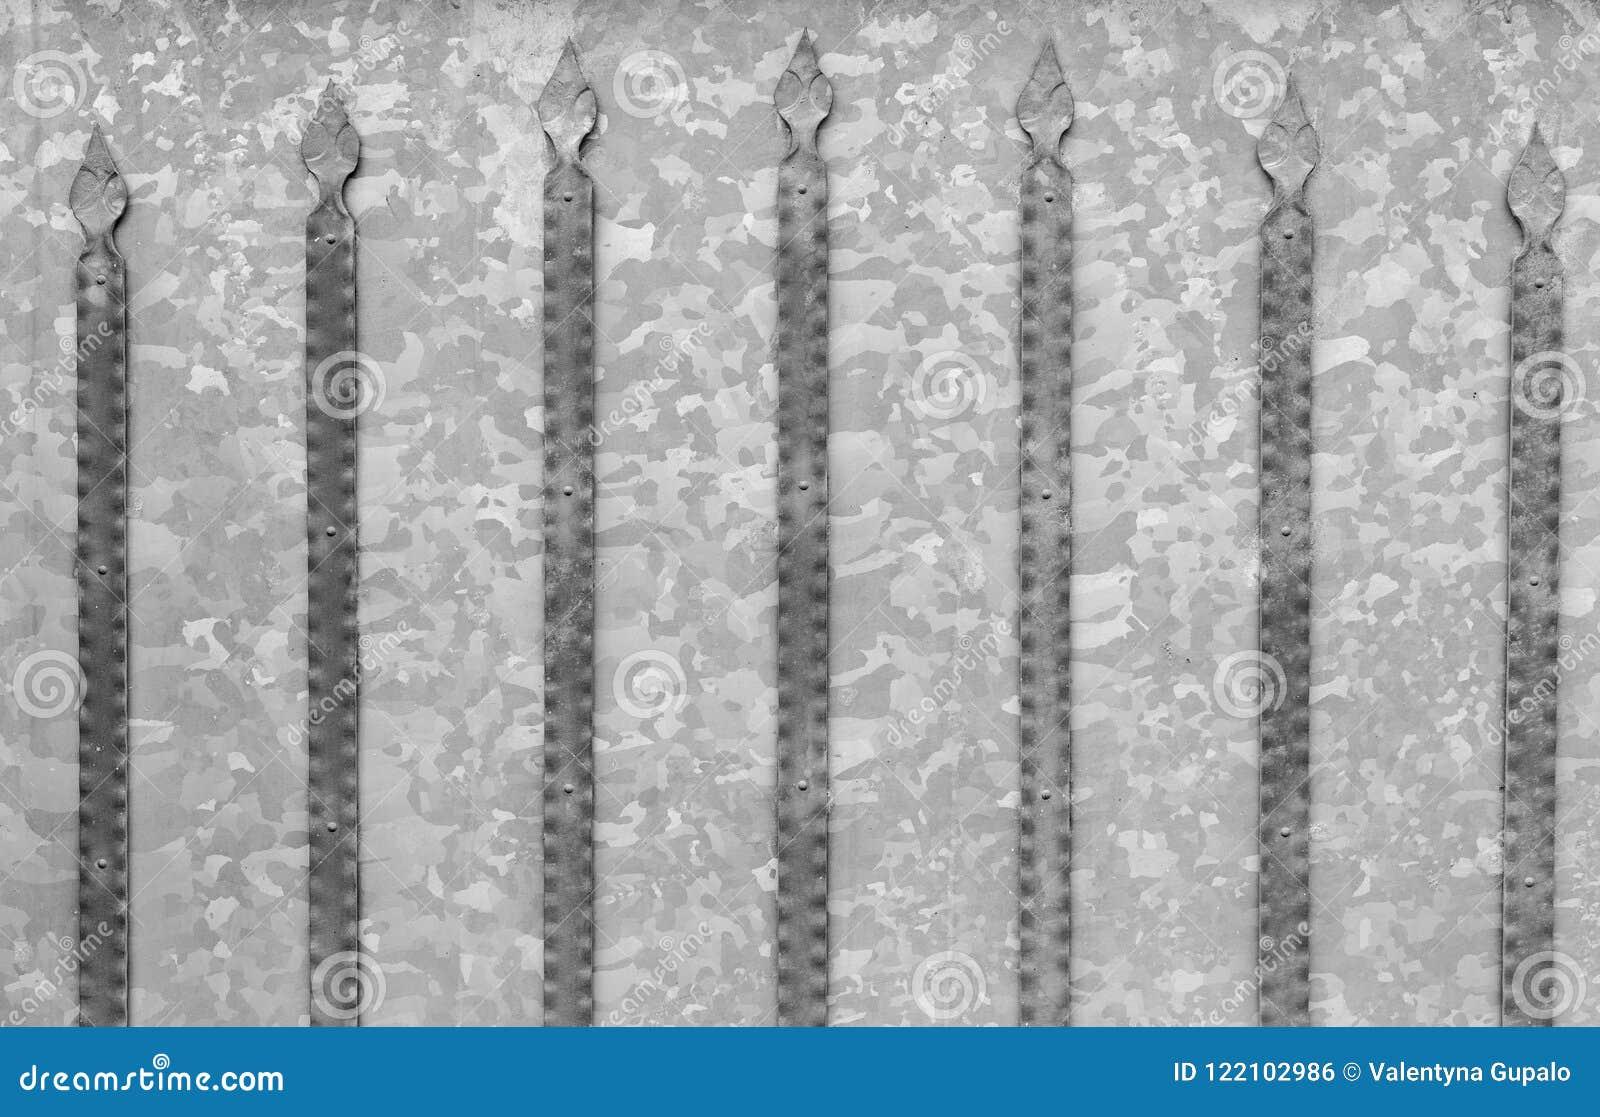 Hintergrundbeschaffenheit von galvanisierten Stahltoren mit Metalldetails